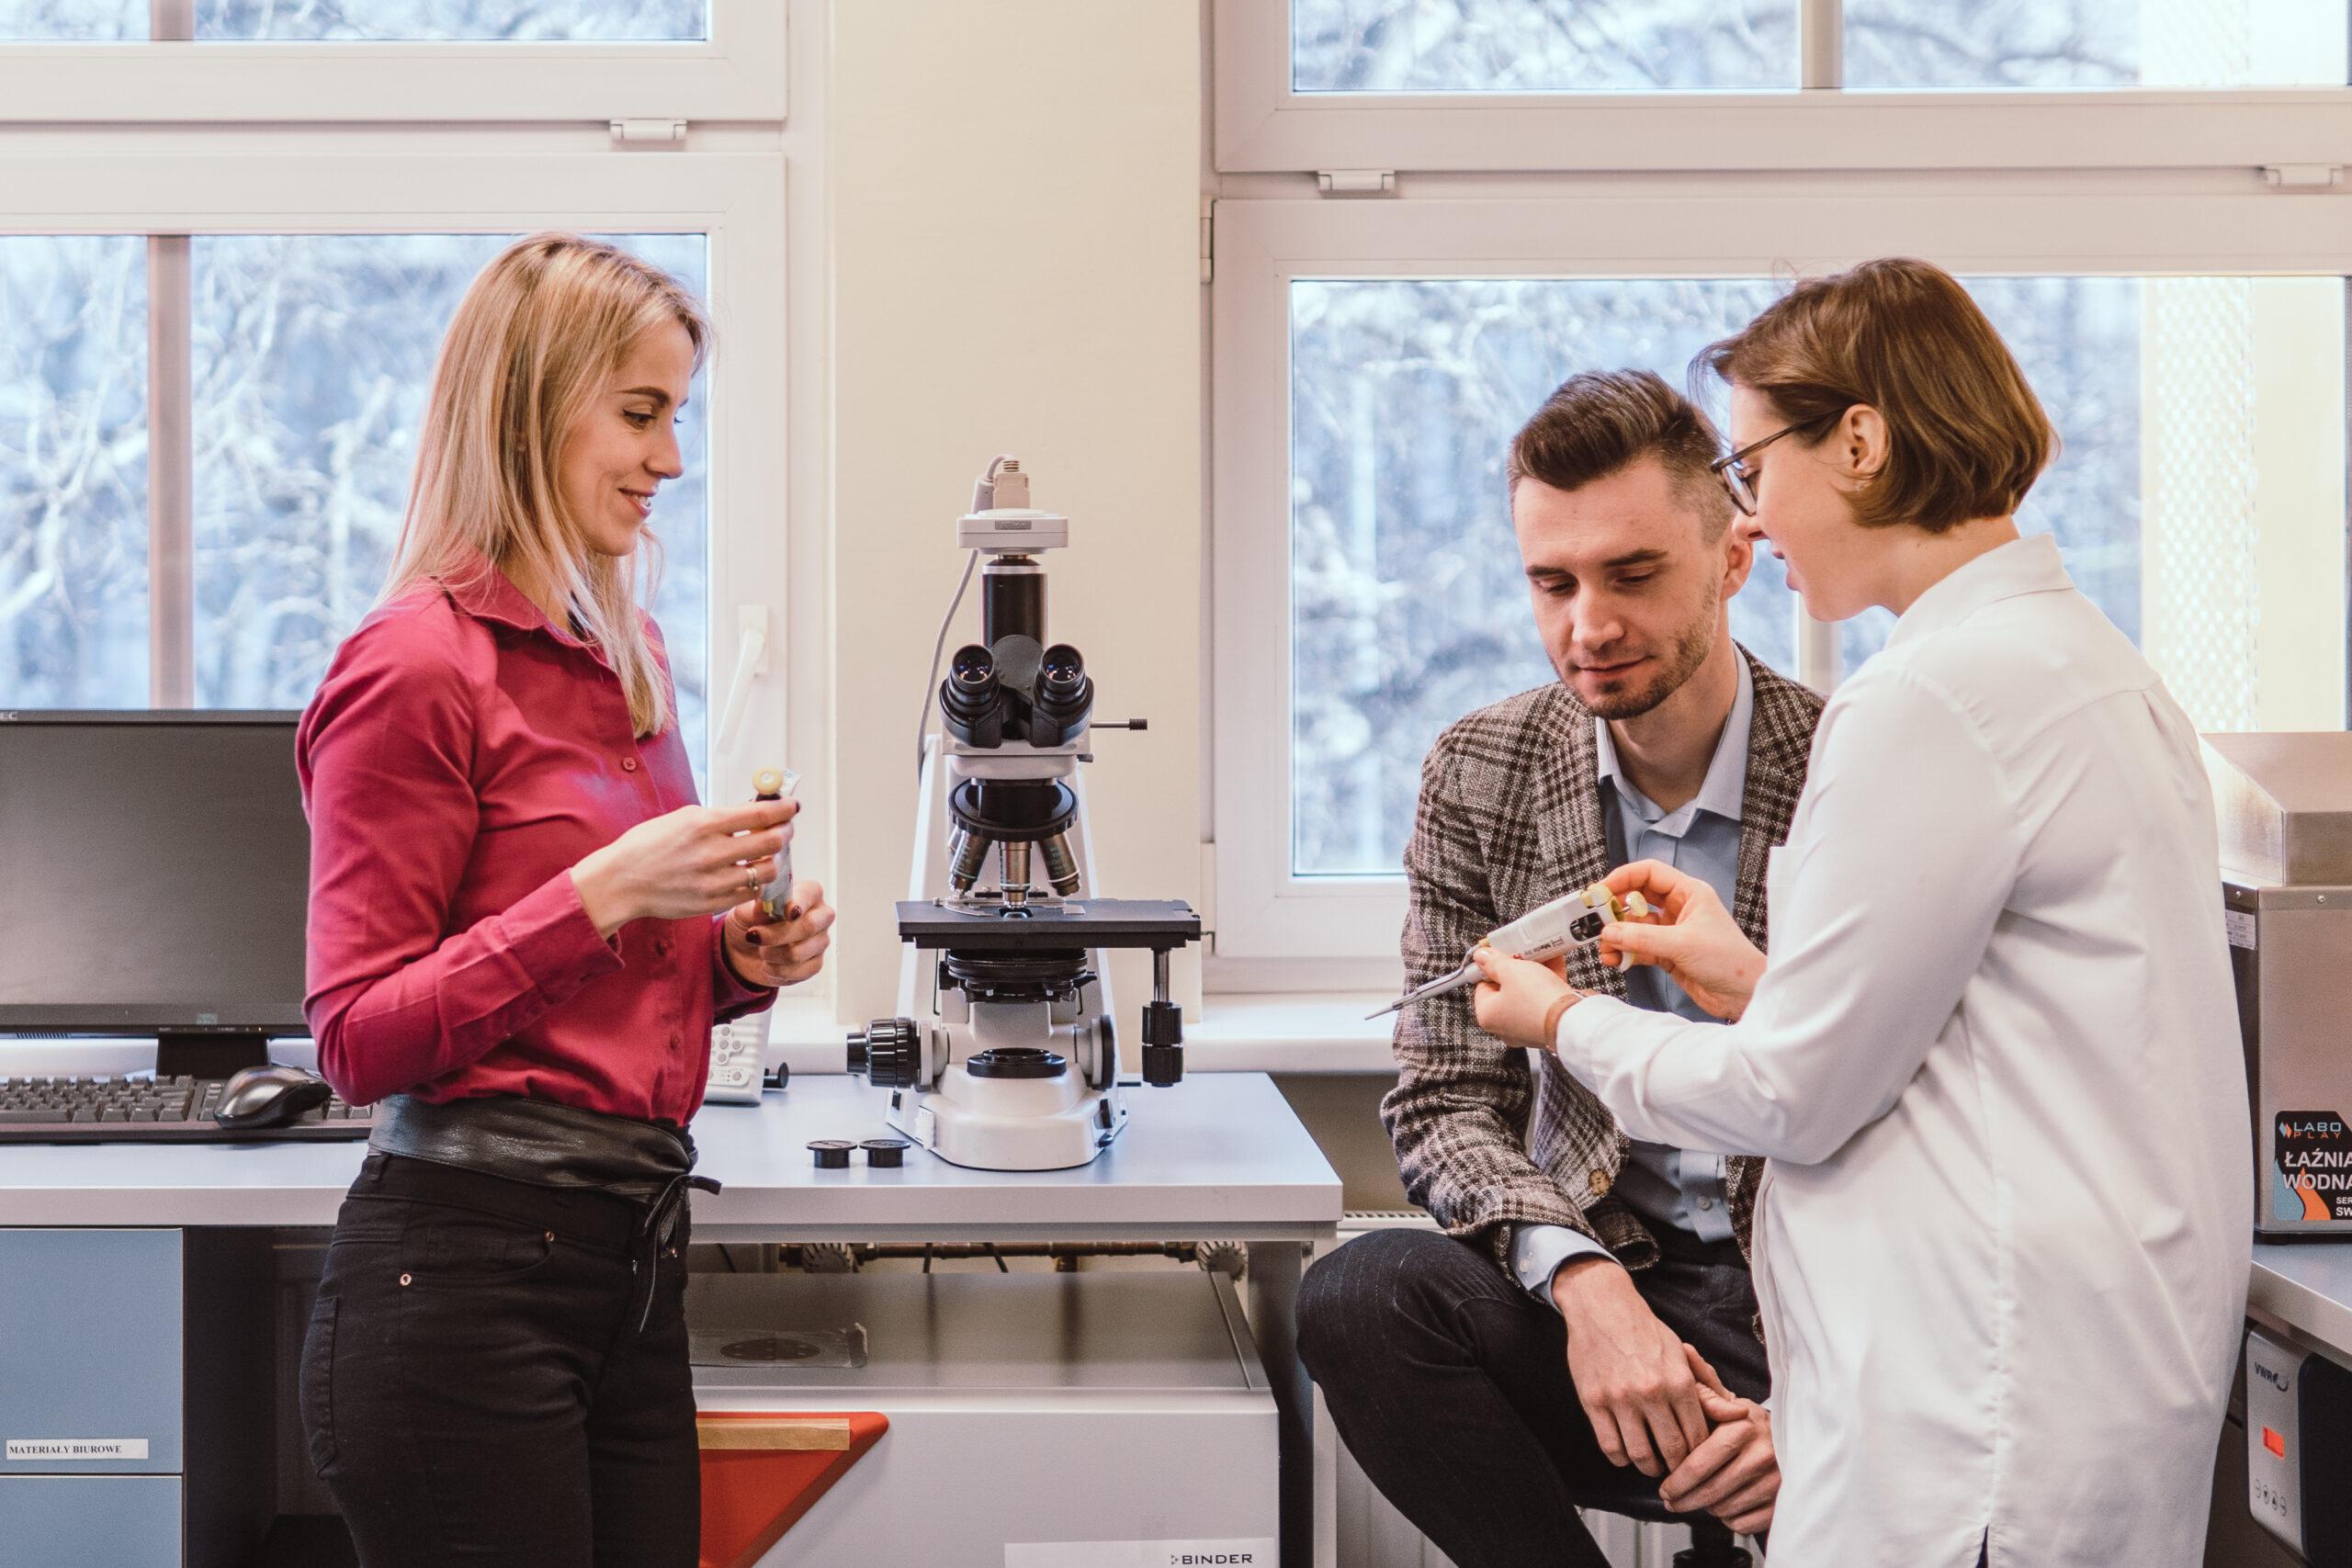 pracownicy innovatree w laboratorium przy mikroskopie